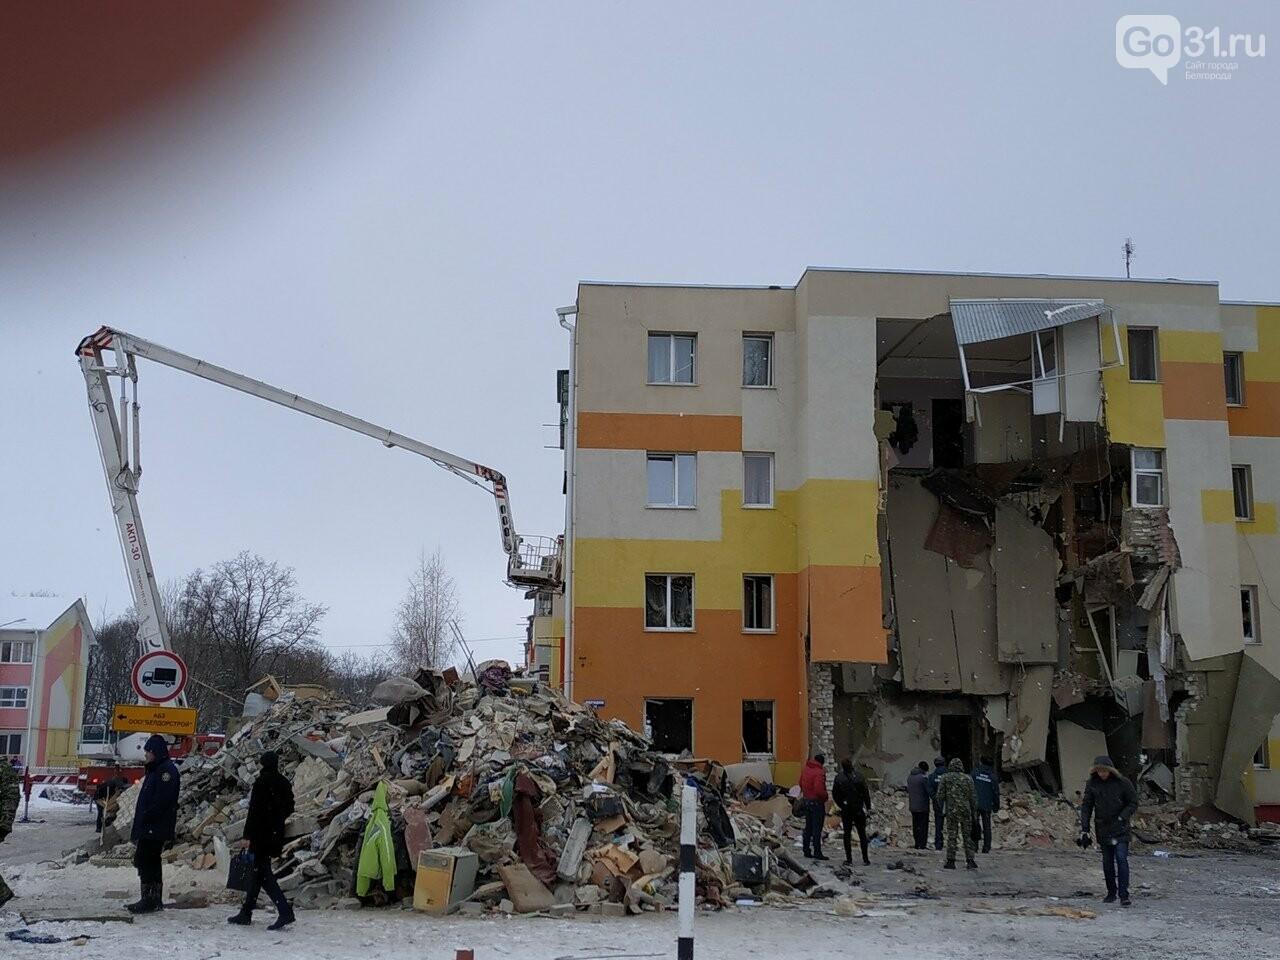 Власти устанавливают личности жильцов разрушенного от взрыва дома в посёлке Яковлево, фото-1